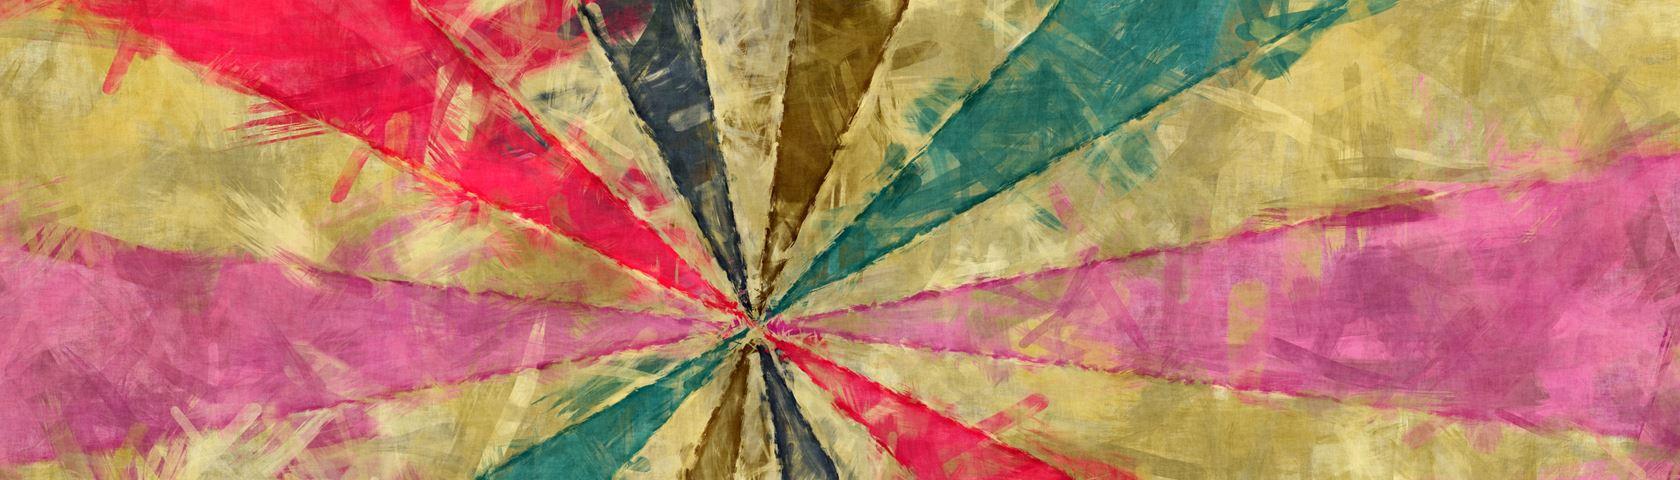 Painted Swirls 04